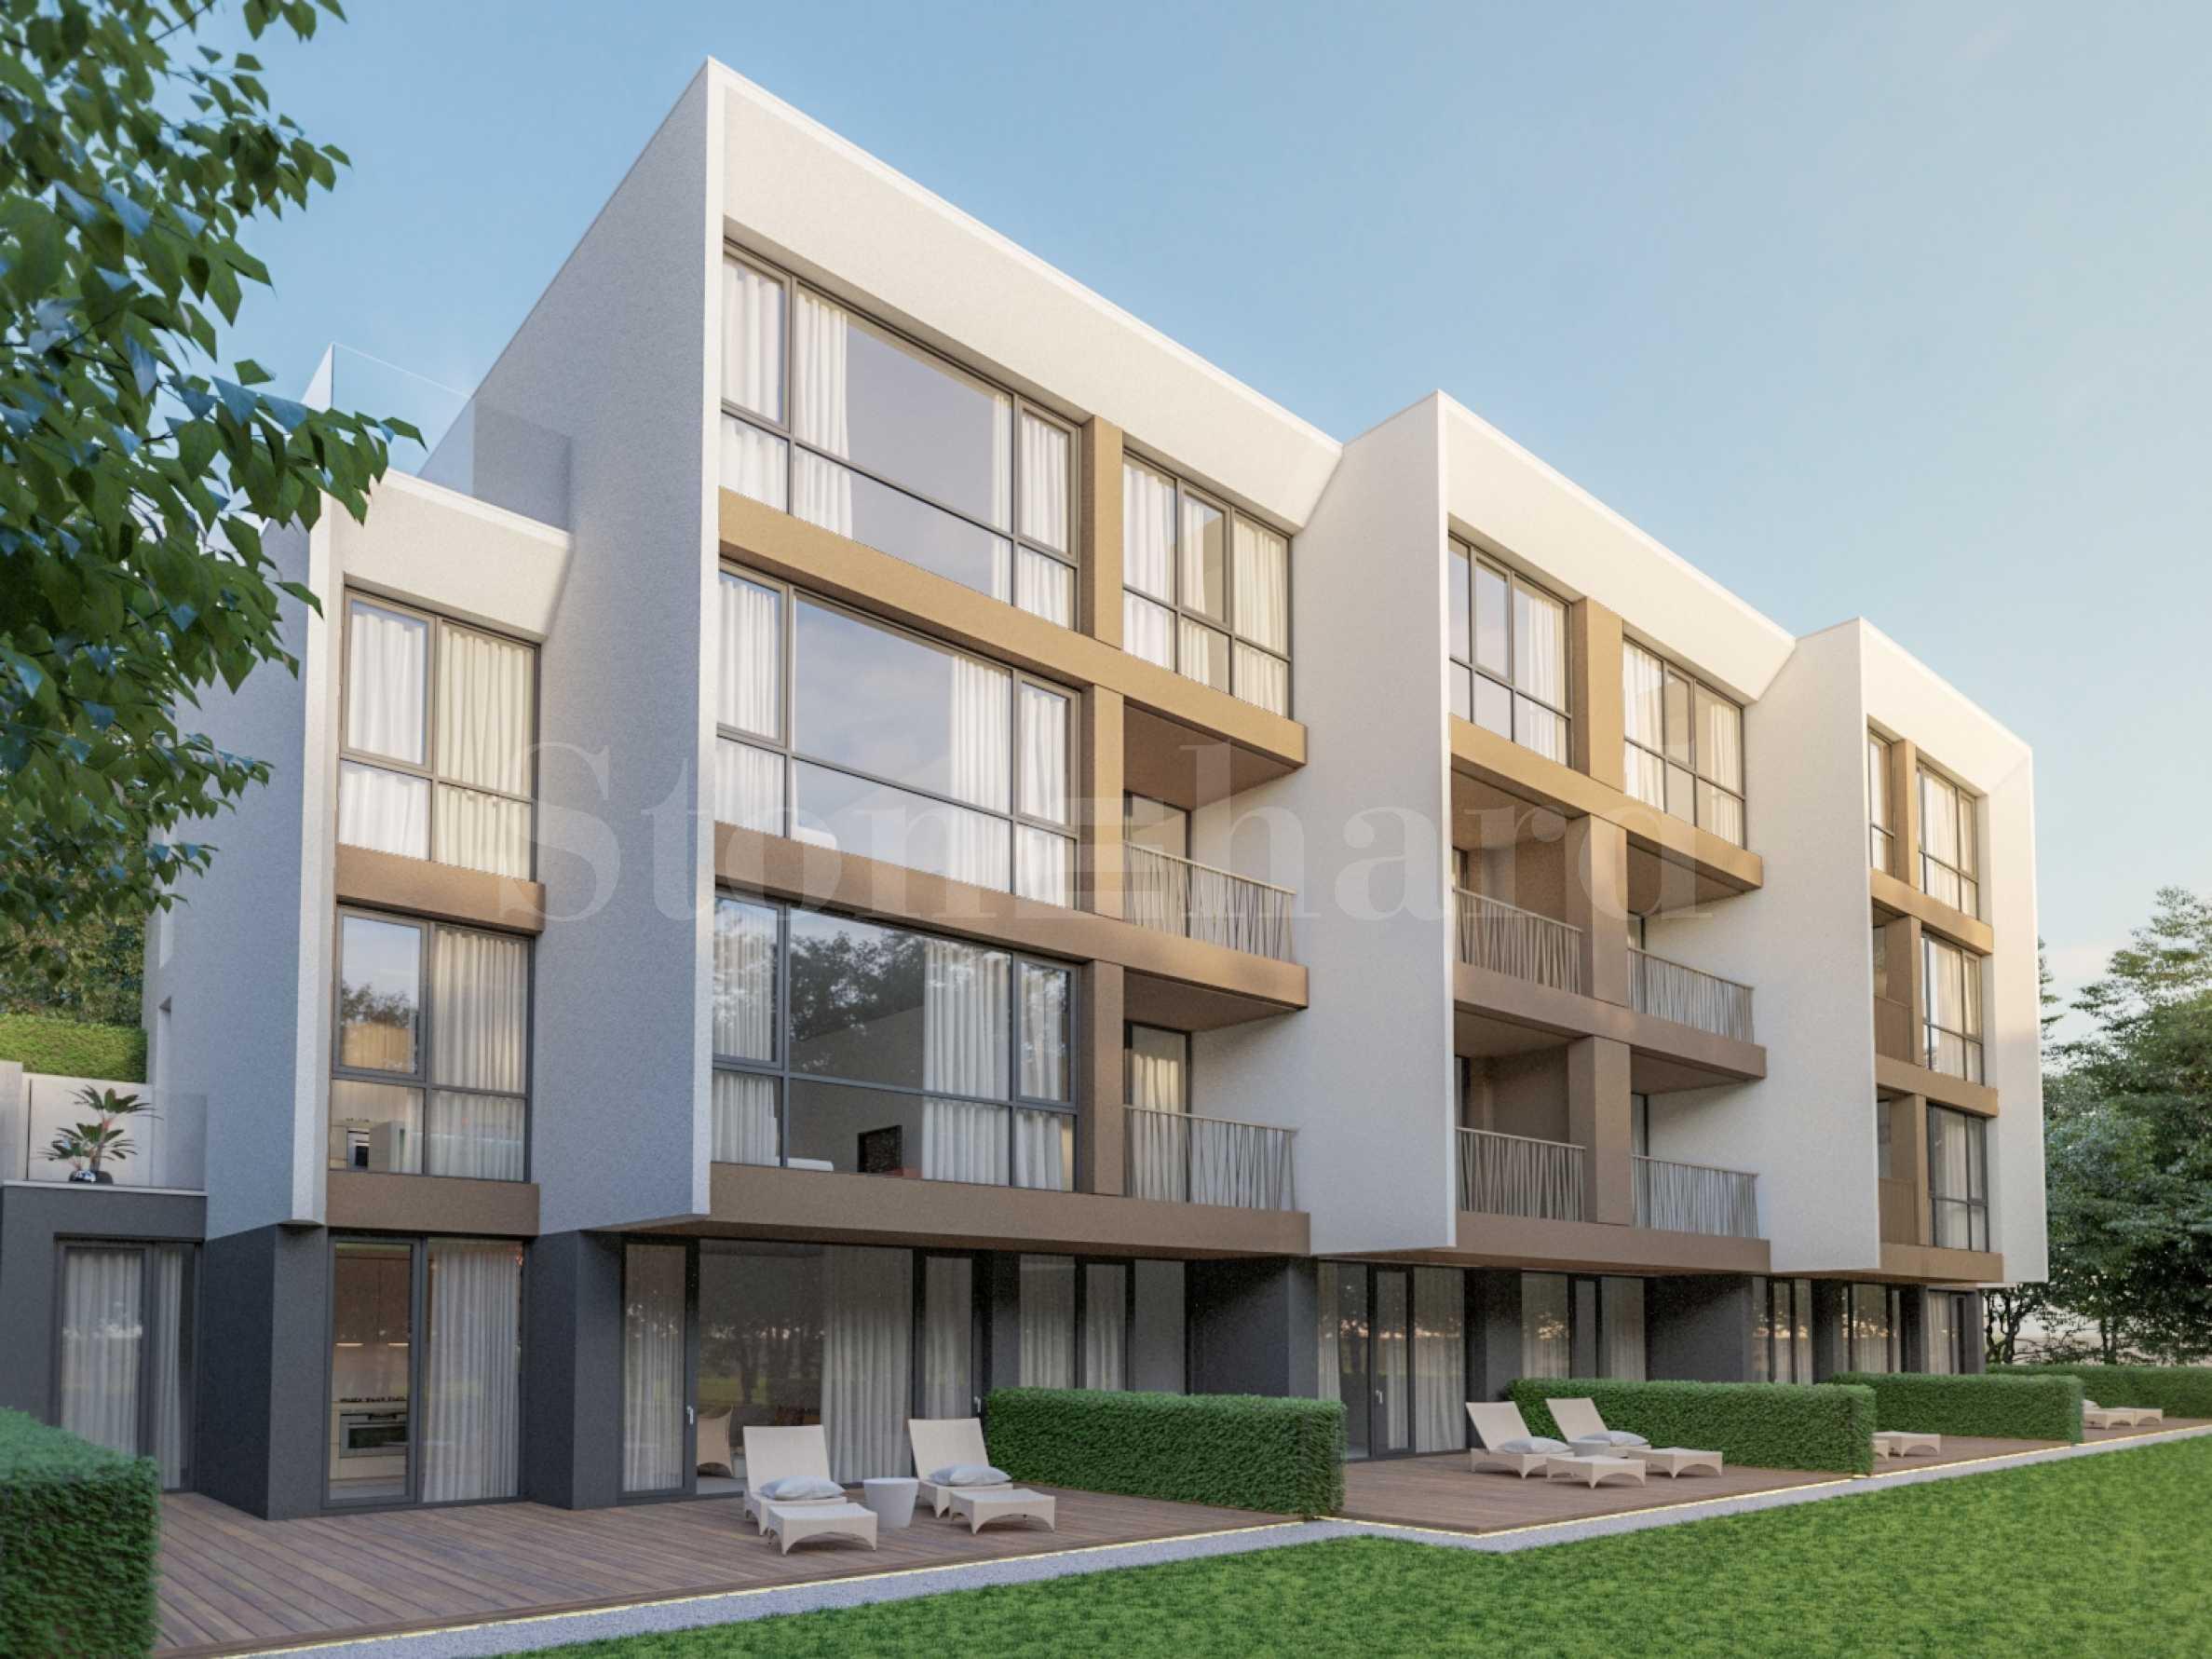 Апартаменти в бутикова сграда ново строителство в местност Траката1 - Stonehard